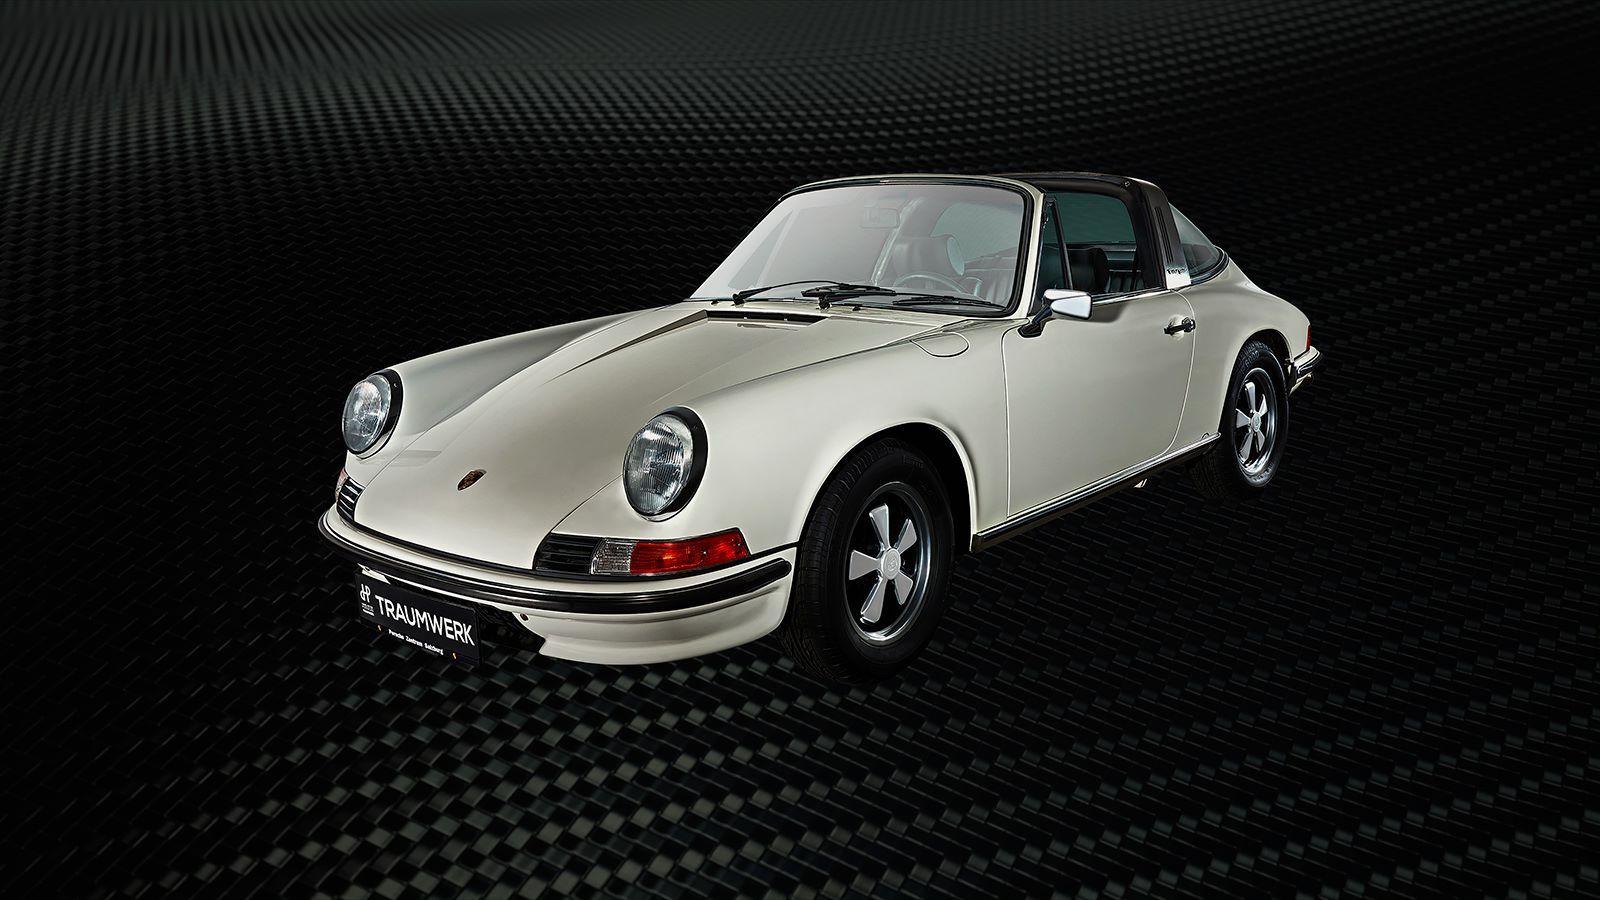 Traumautom Porsche 911 Targa S